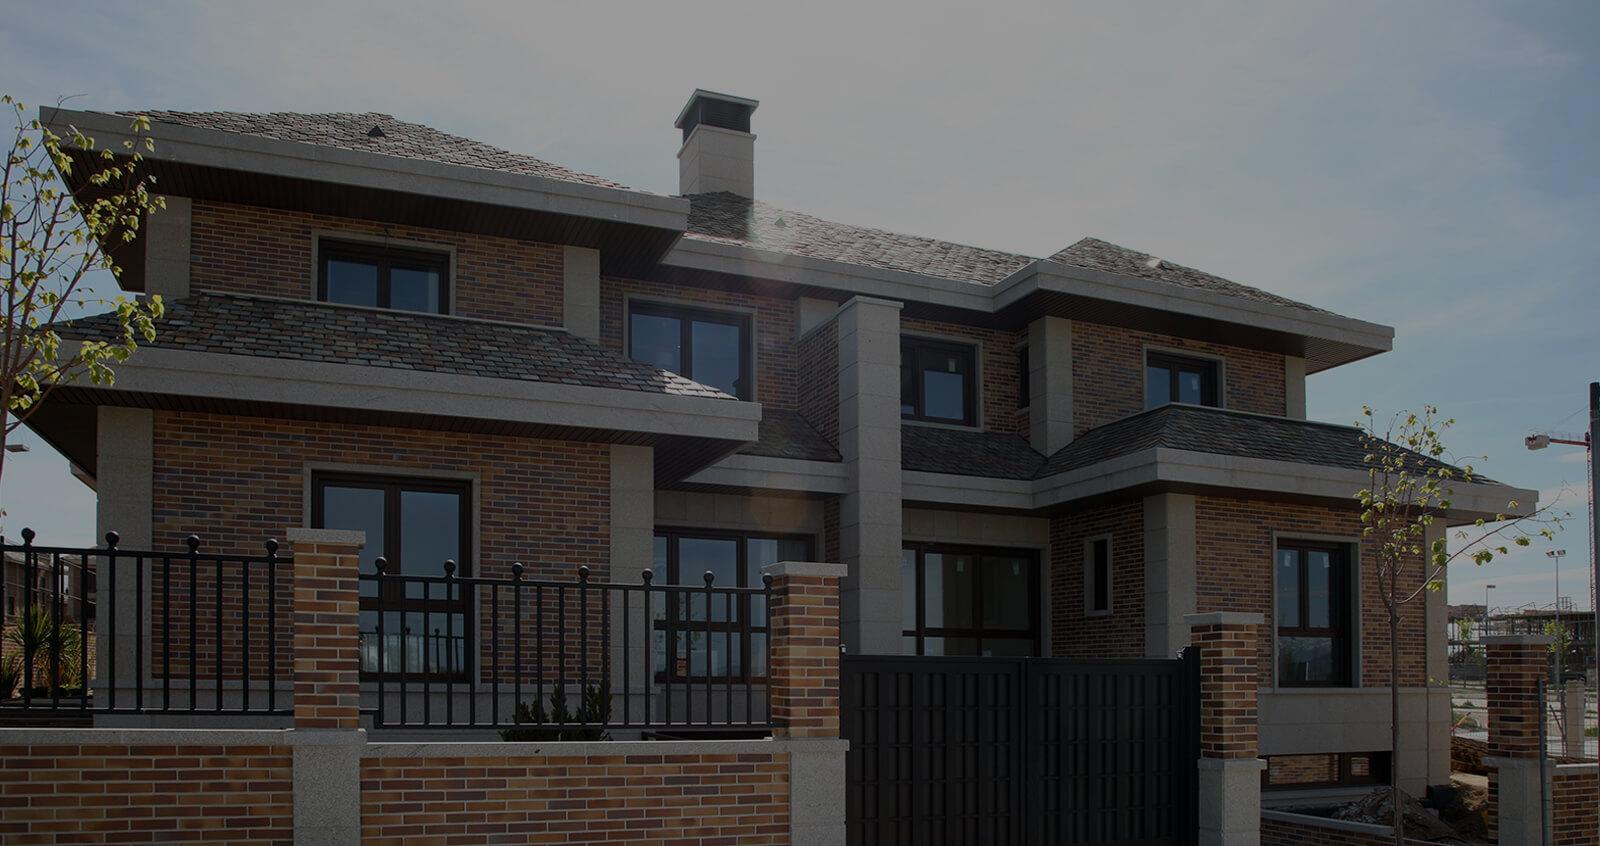 Agencia y promotora inmobiliaria en majadahonda madrid afar4 - Casas en majadahonda ...